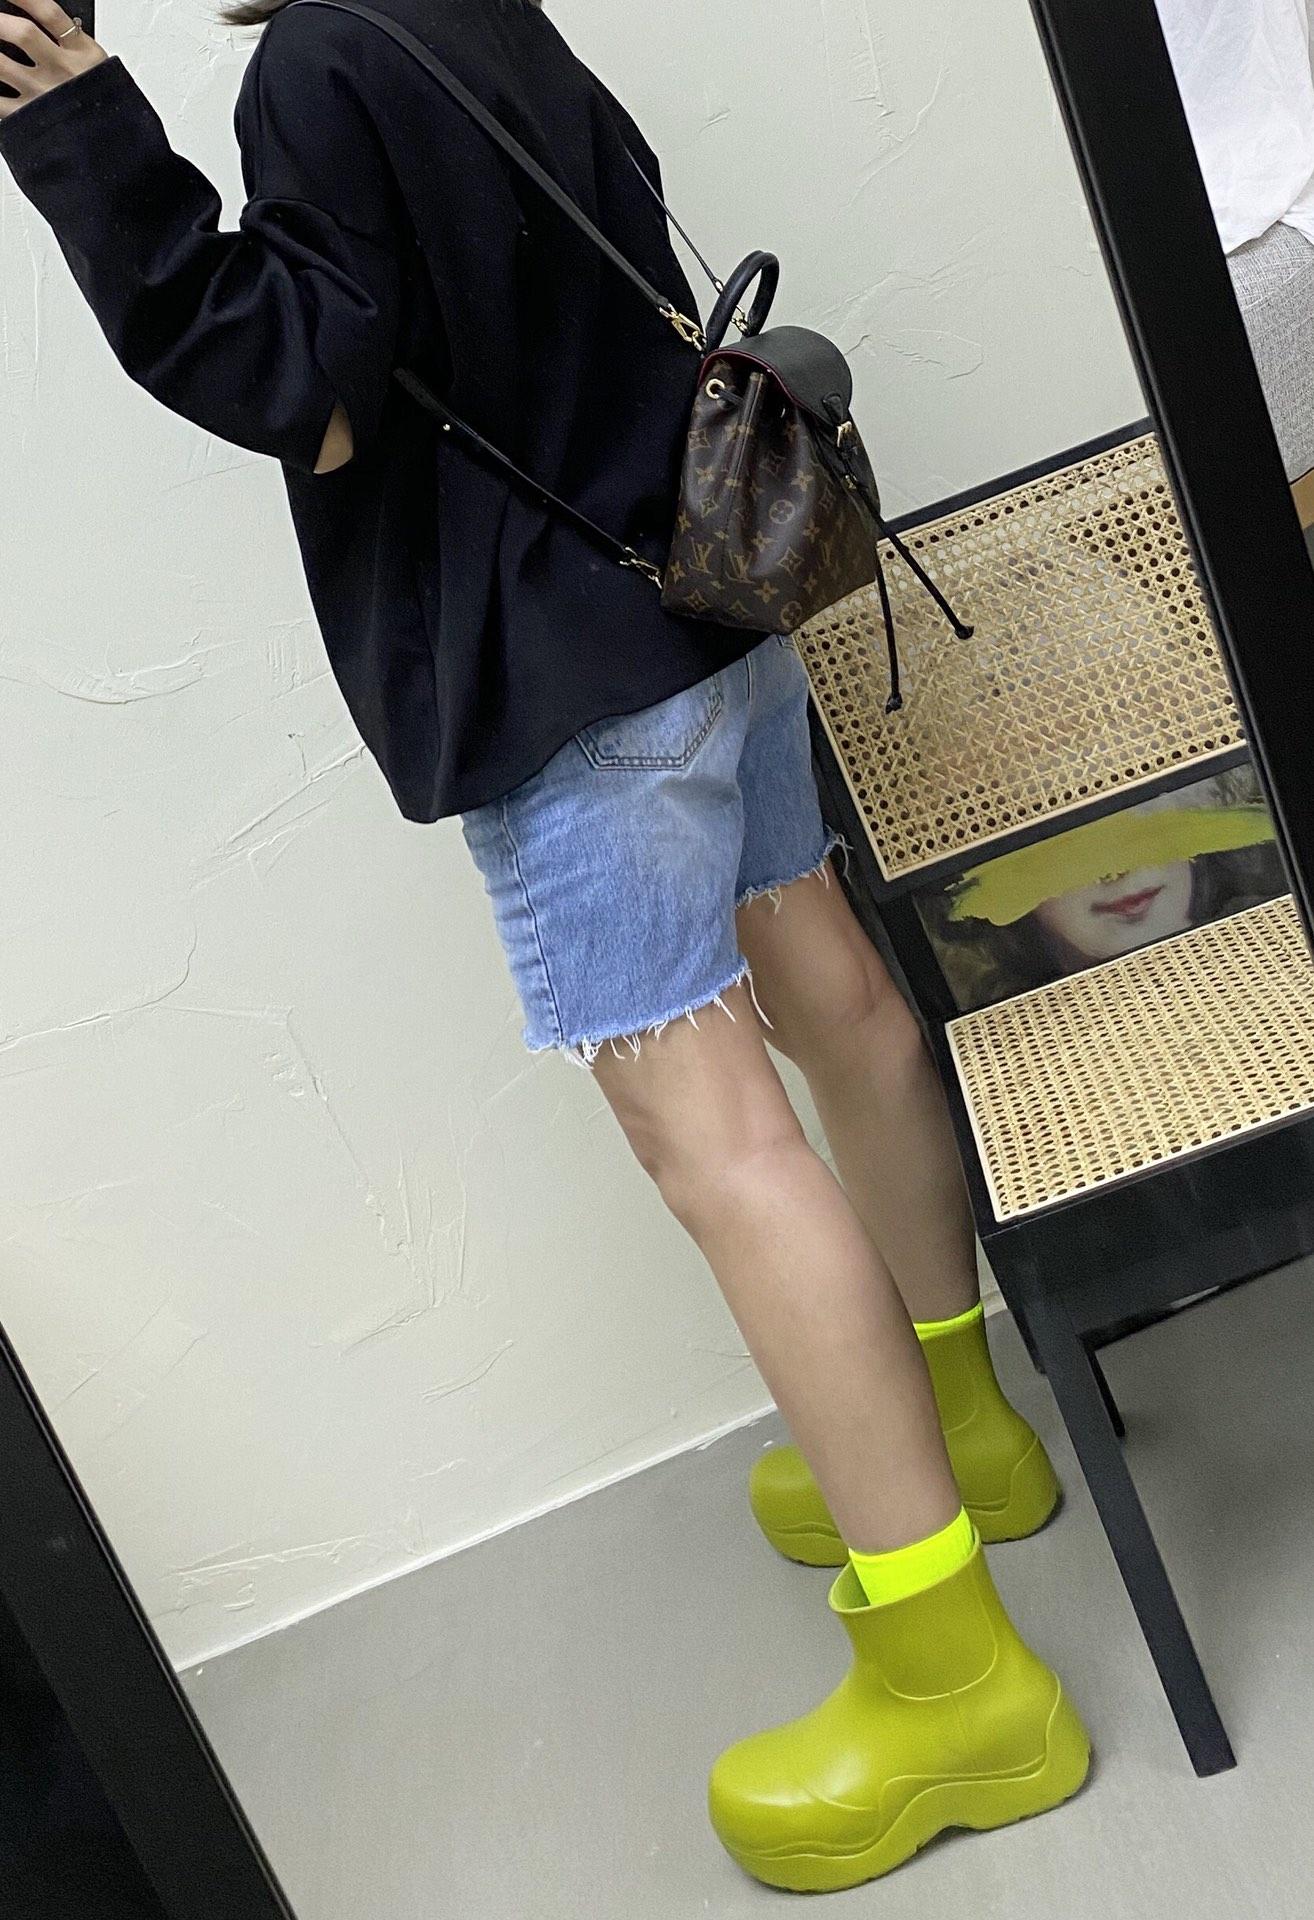 【¥1100】2020新版背包小号 冬季MontsourisBB背包45502 又是一个小可爱,换季首选